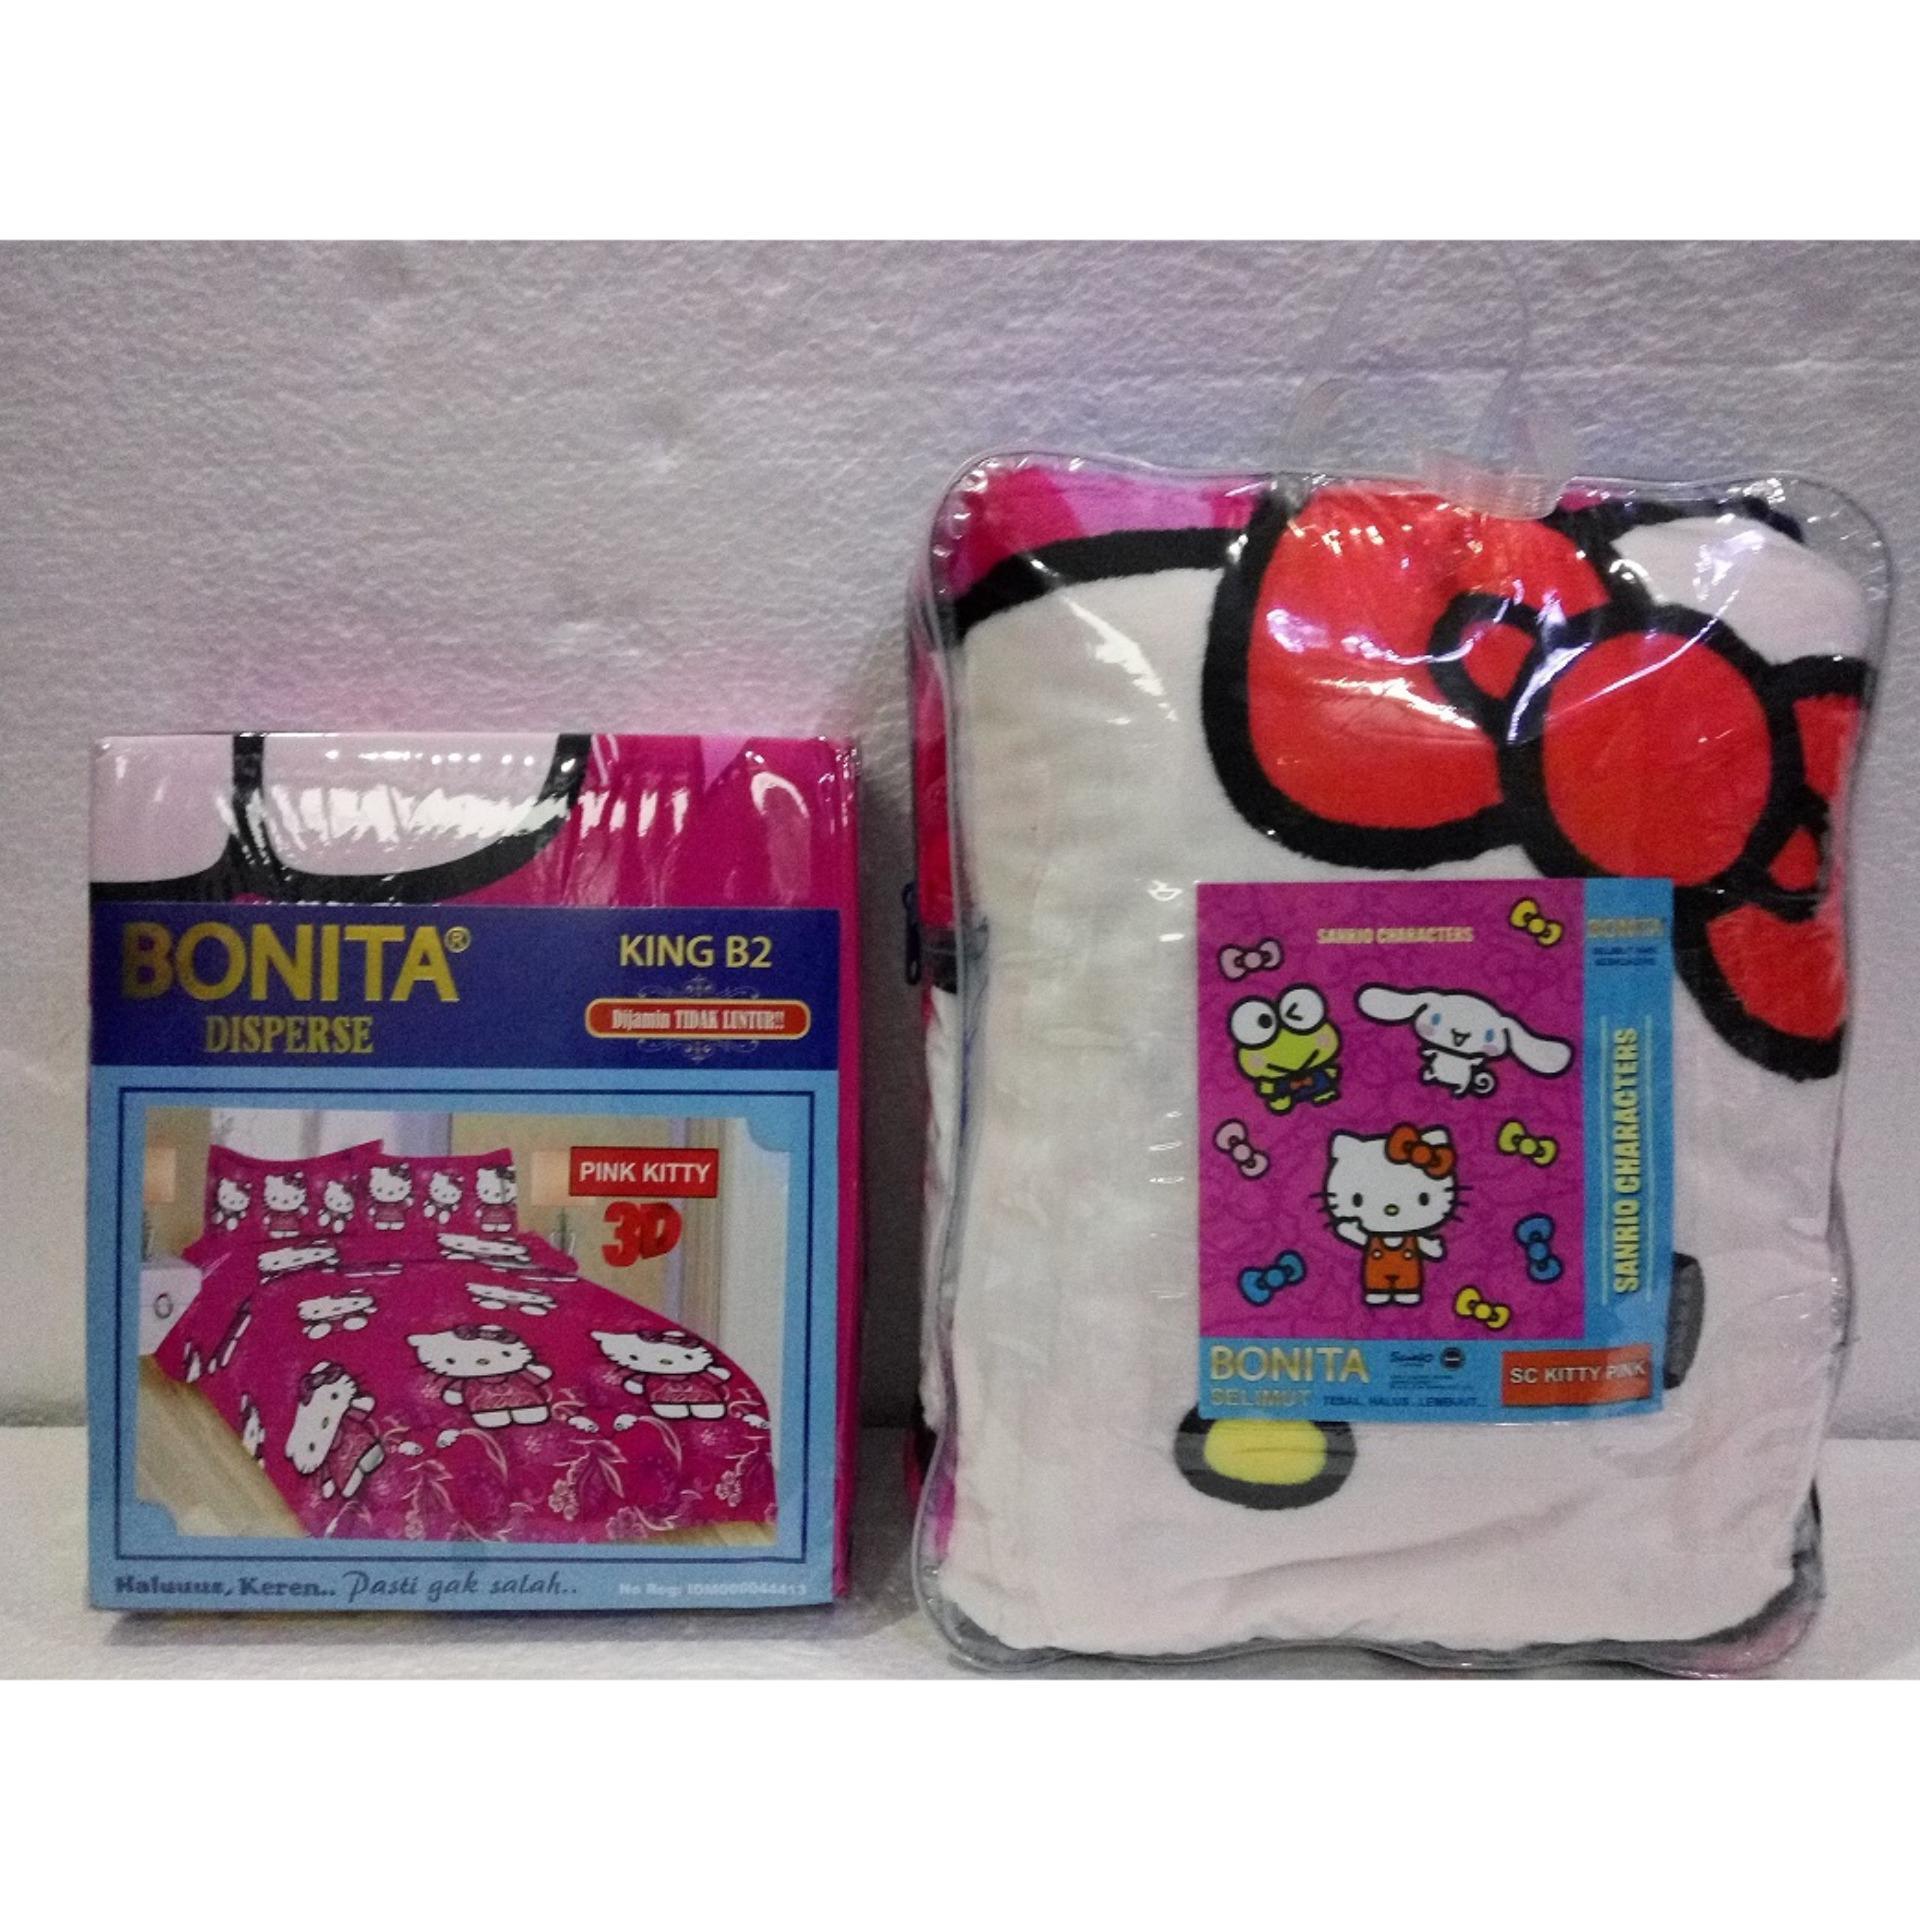 Toko Couple Sprei Dan Selimut Super Lembut Dan Tebal Merk Bonita Pink Kitty Murah Di Banten